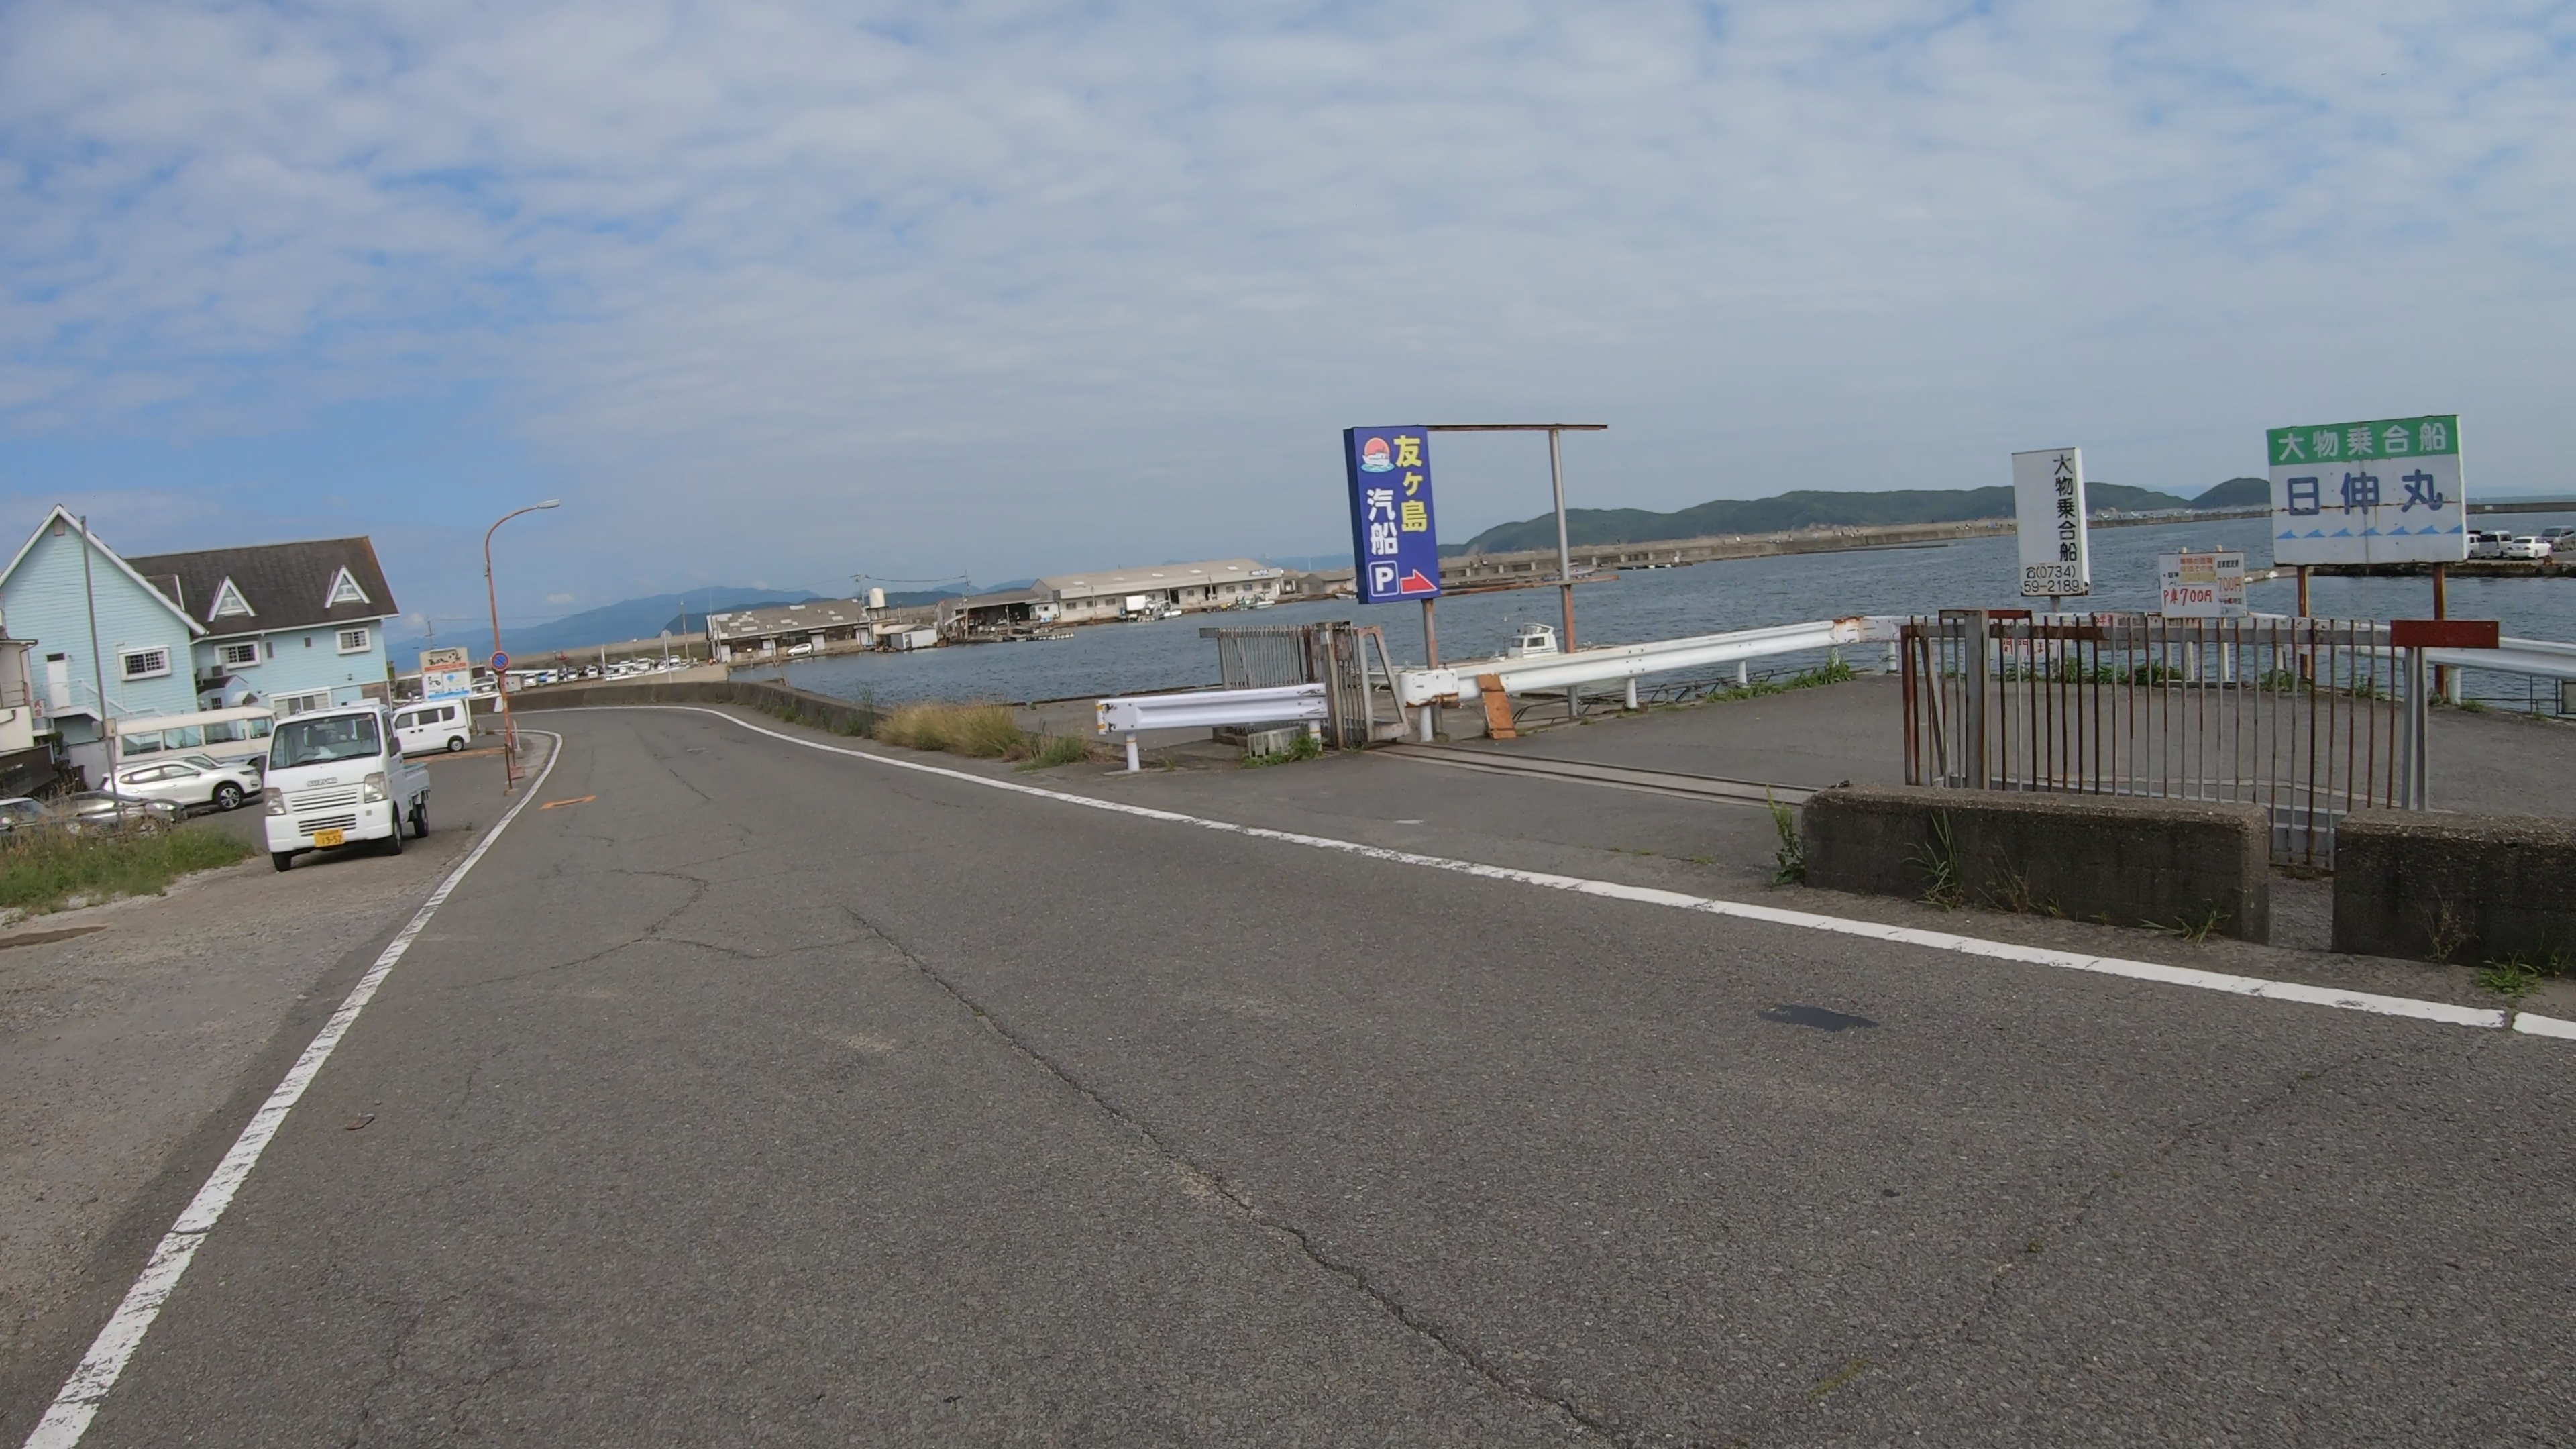 GX012434-3 和歌山県   友ヶ島( 大阪から日帰りで行ける!まるでラピュタのような無人島、友ヶ島の写真スポット・汽船情報・アクセス情報や撮影ポイントなど!)